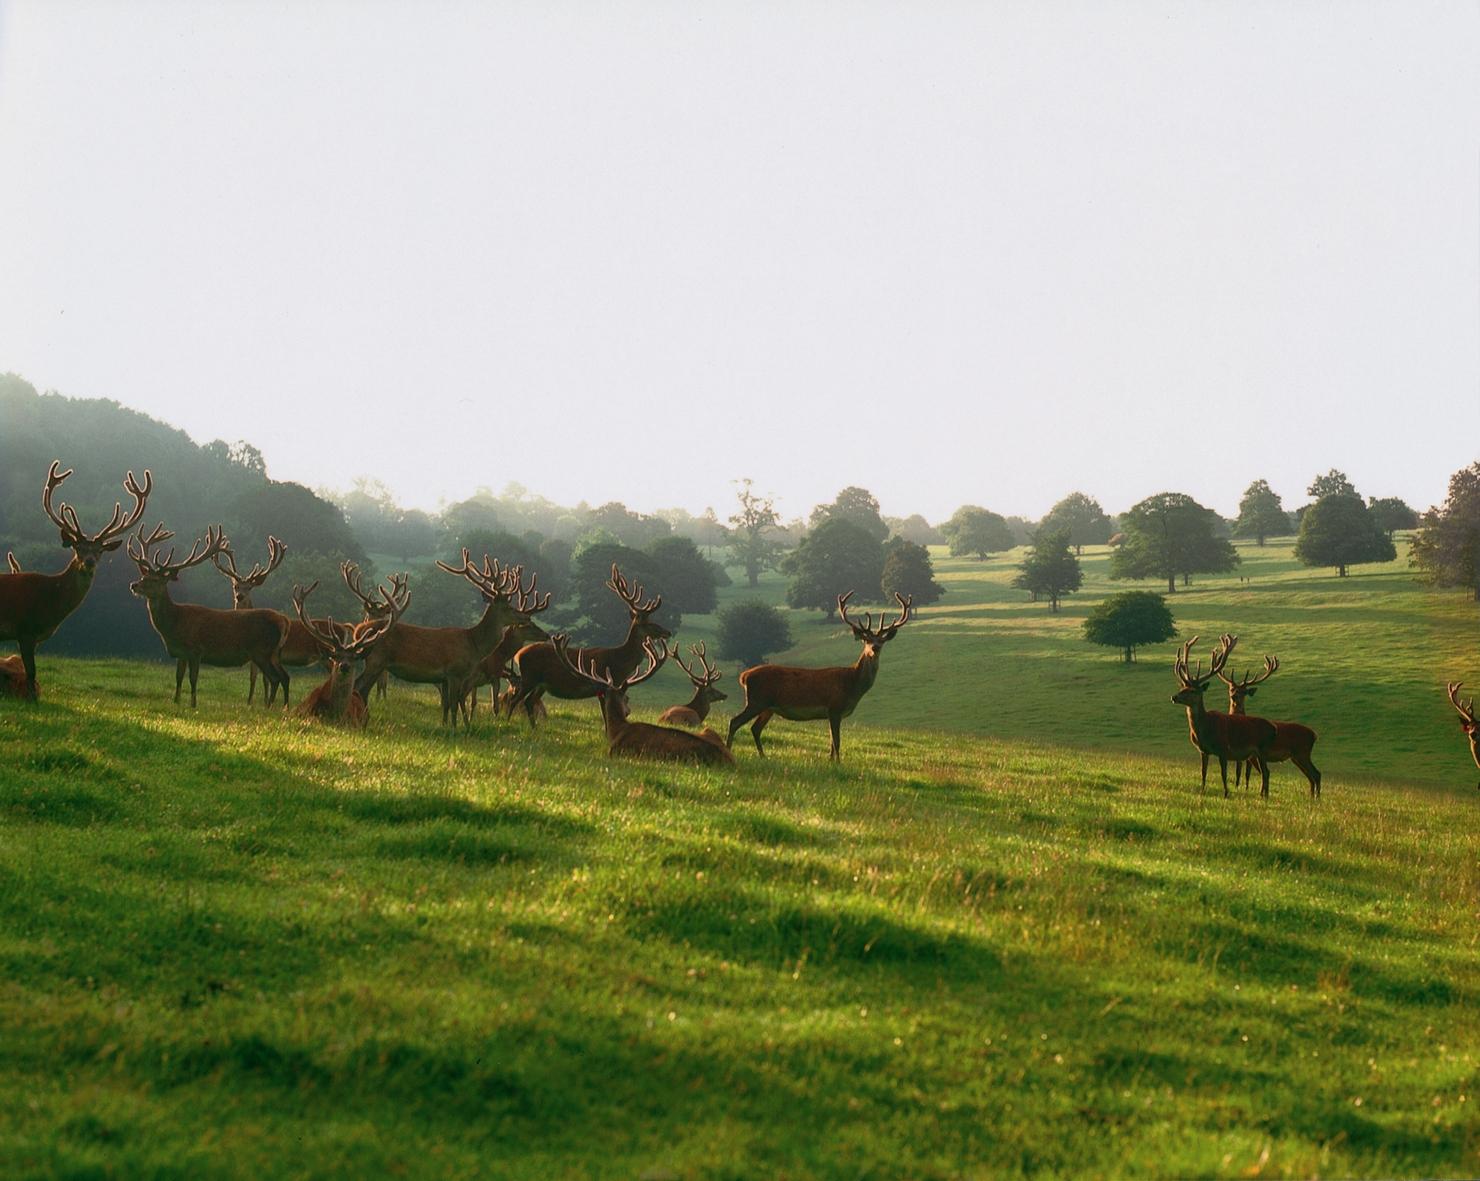 Heard of Deer in Field at Daylesford